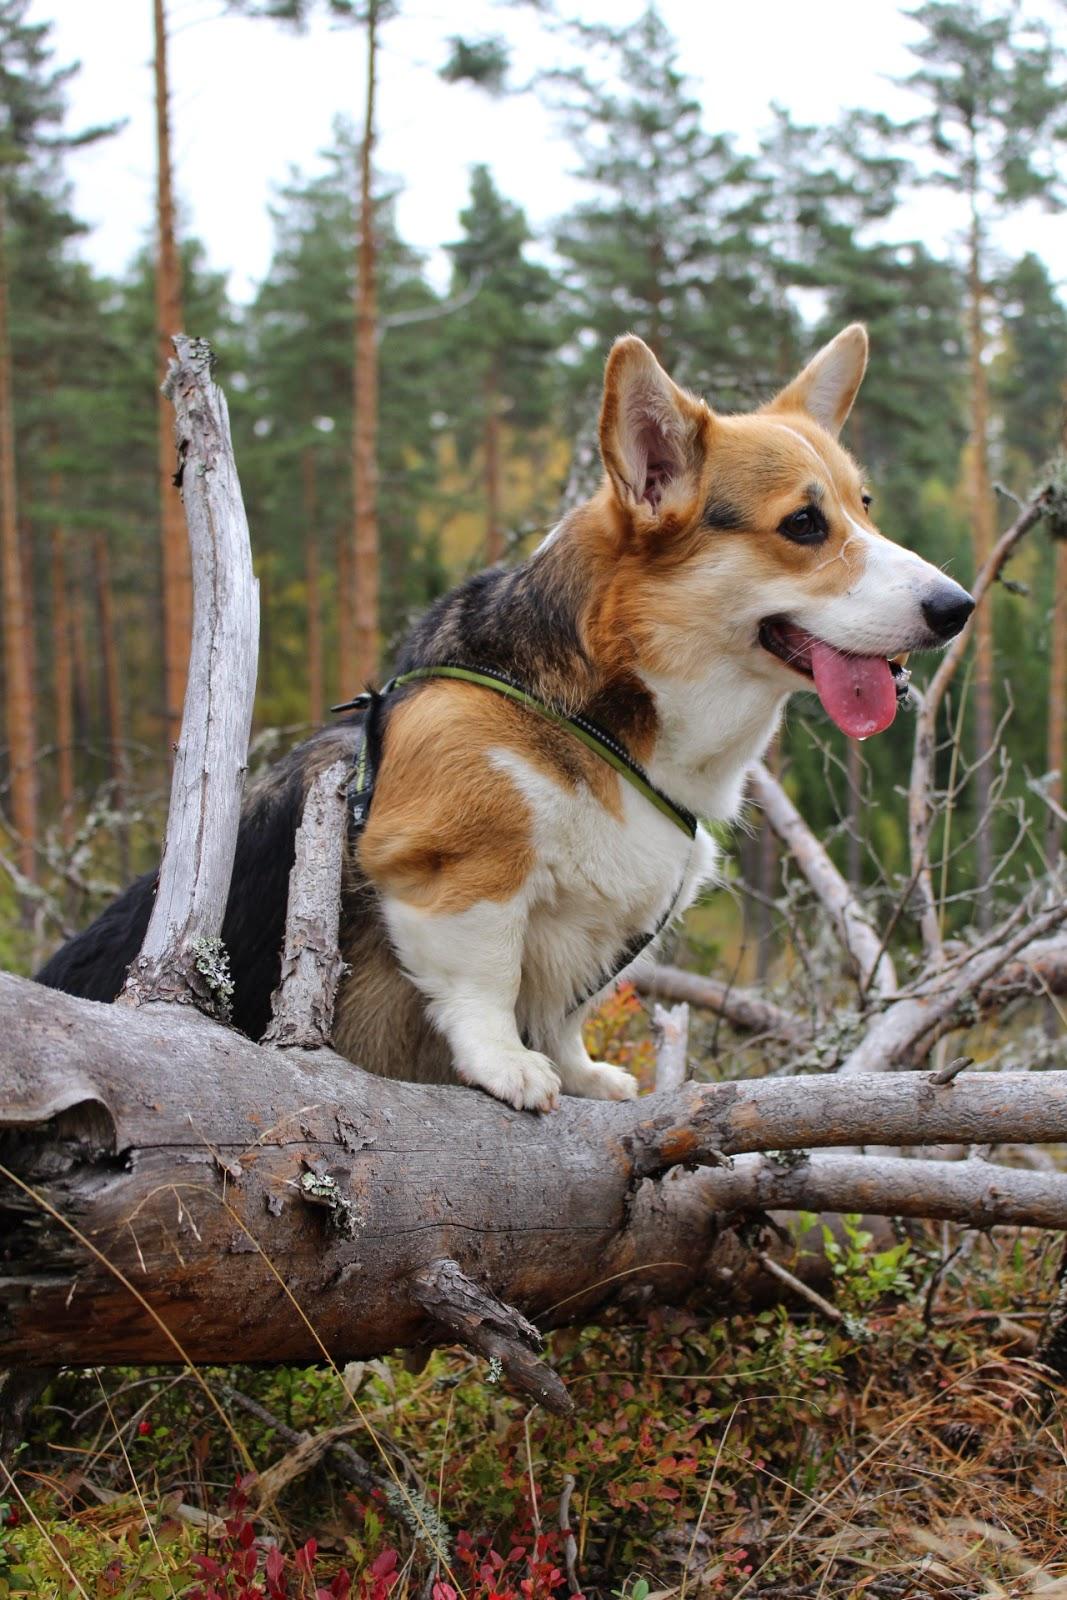 Koiraa Närästää